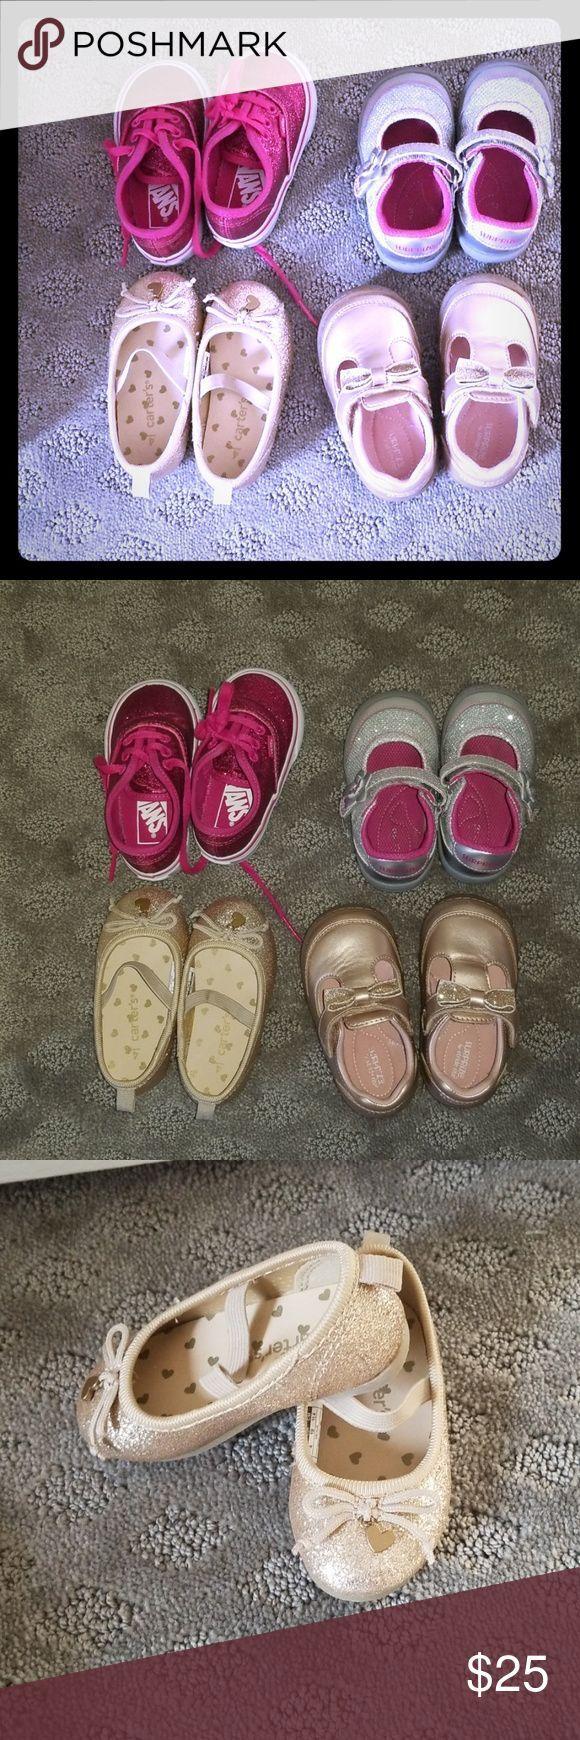 Babyschuhe Das ist richtig, alle 4 sind ein Pauschalangebot! 2 Schritt Riten, 1 …